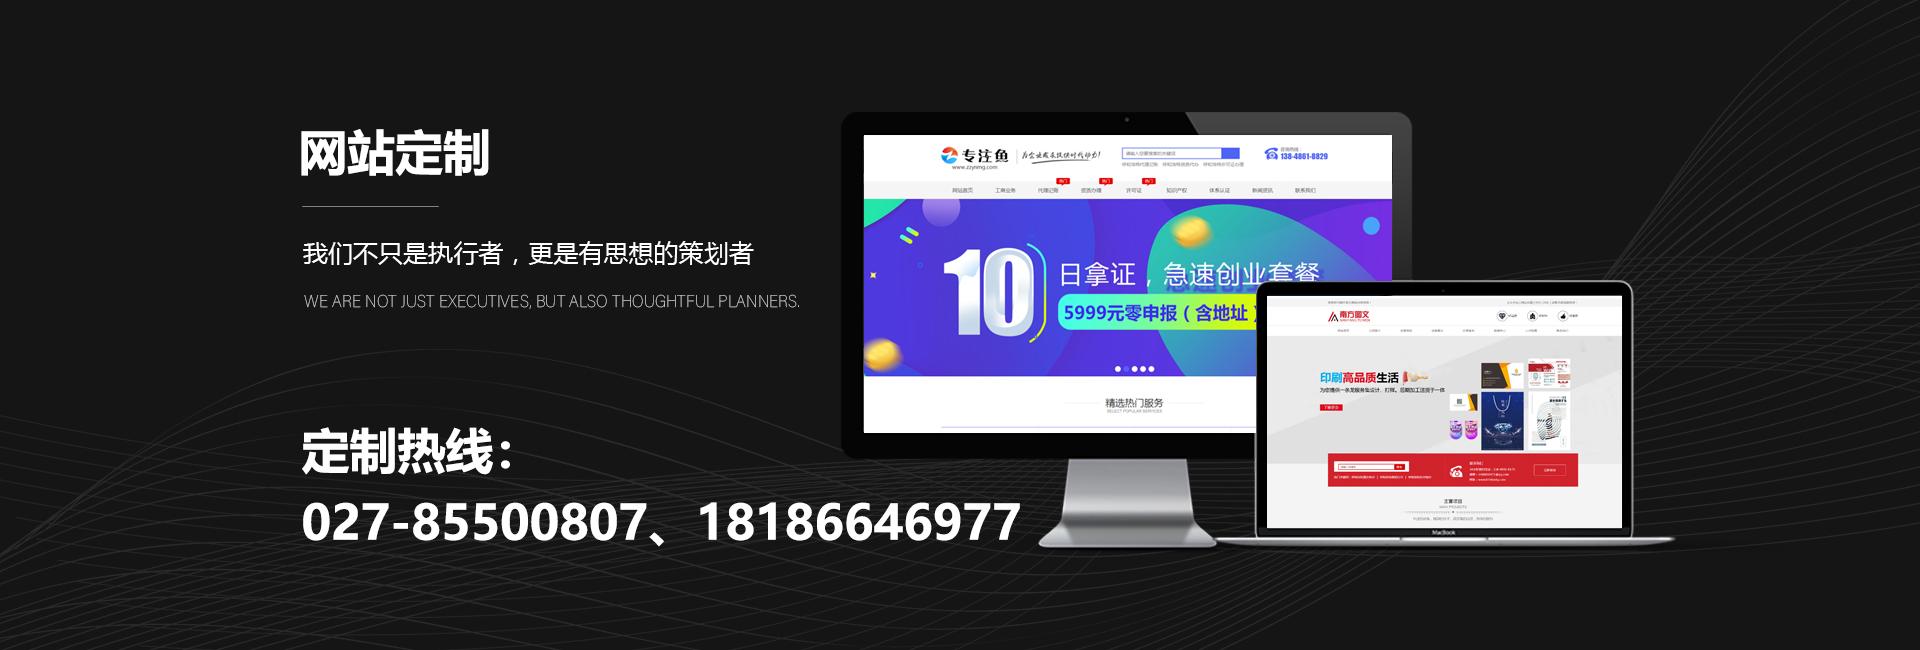 武汉网站建设推广公司